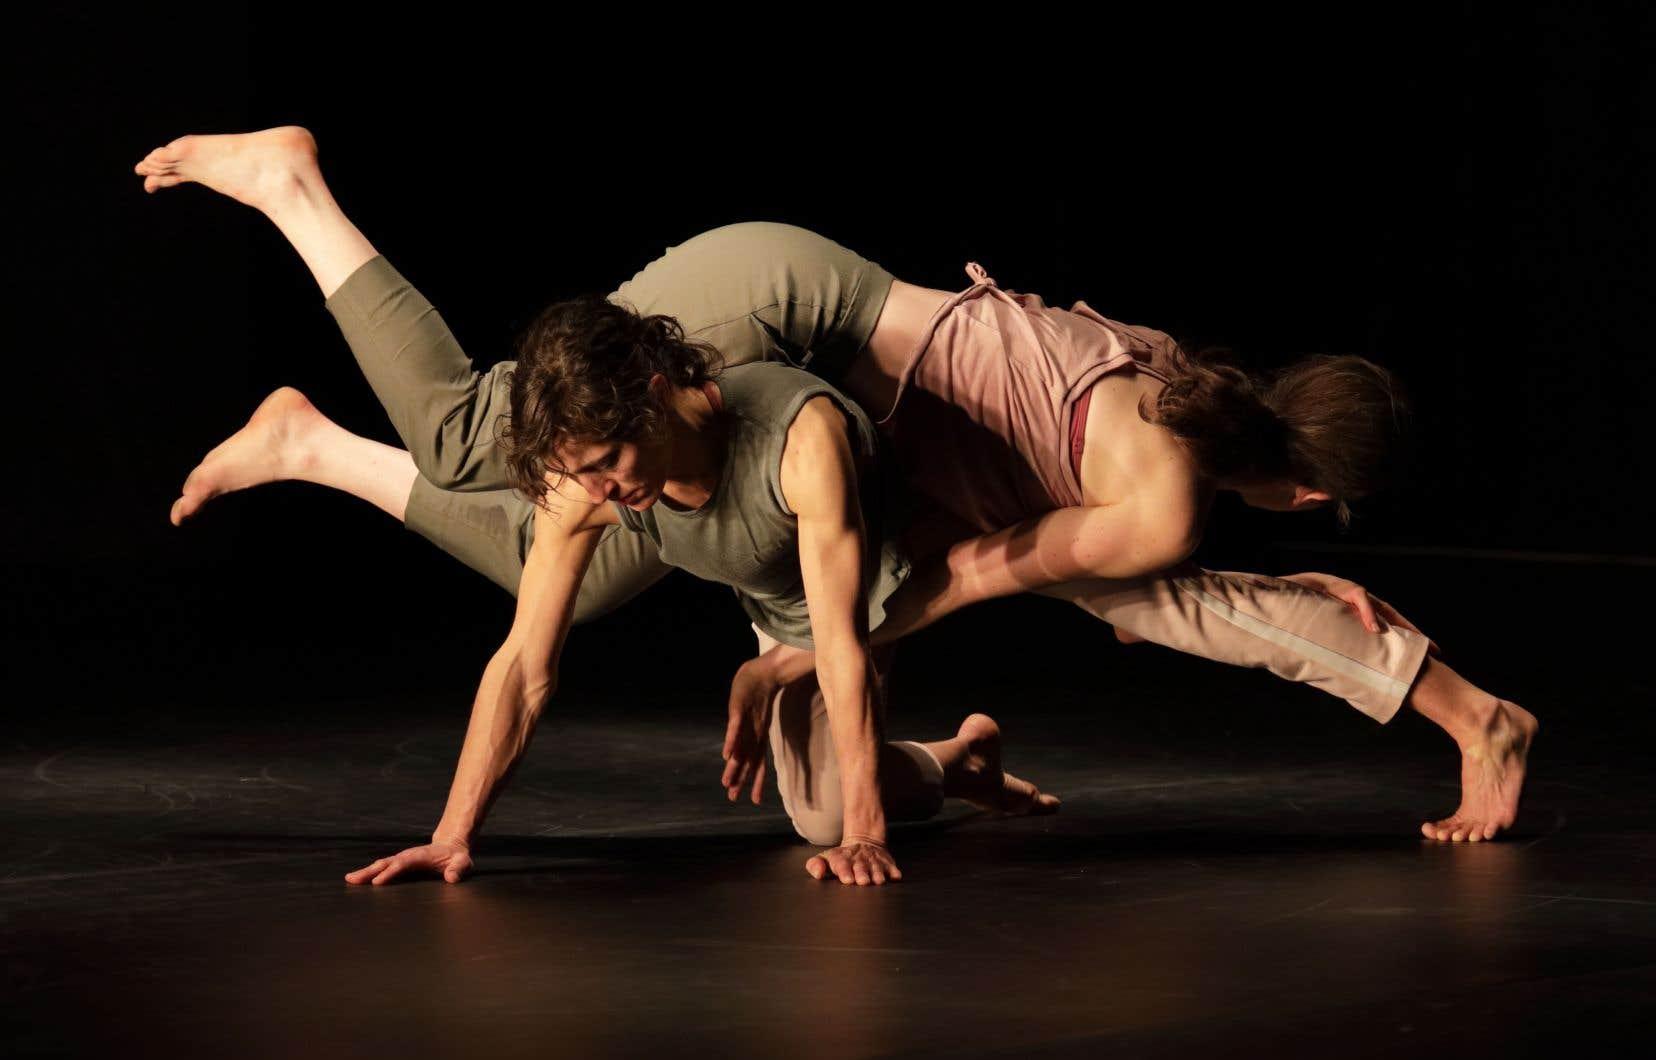 L'aspect relationnel du travail des danseurs brille dans des duos où les corps s'enchevêtrent, prennent appui les uns sur les autres et vacillent ensemble dans des déséquilibres fragiles, parfois périlleux.